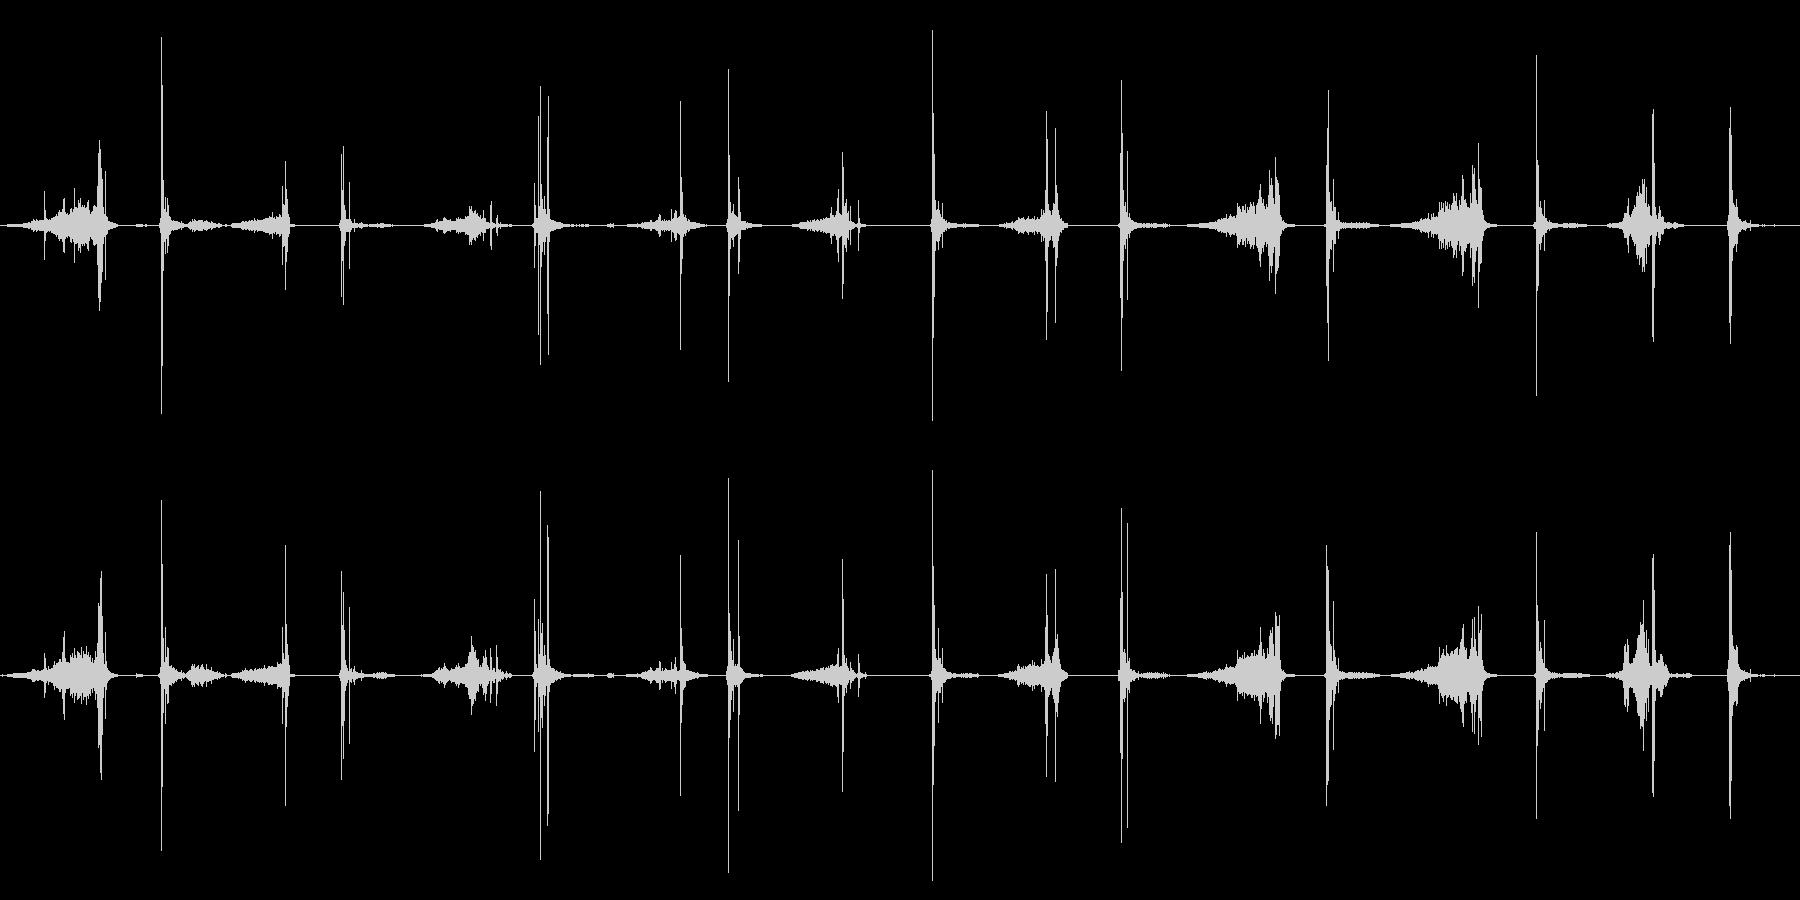 カードのヒンズーシャッフルの未再生の波形